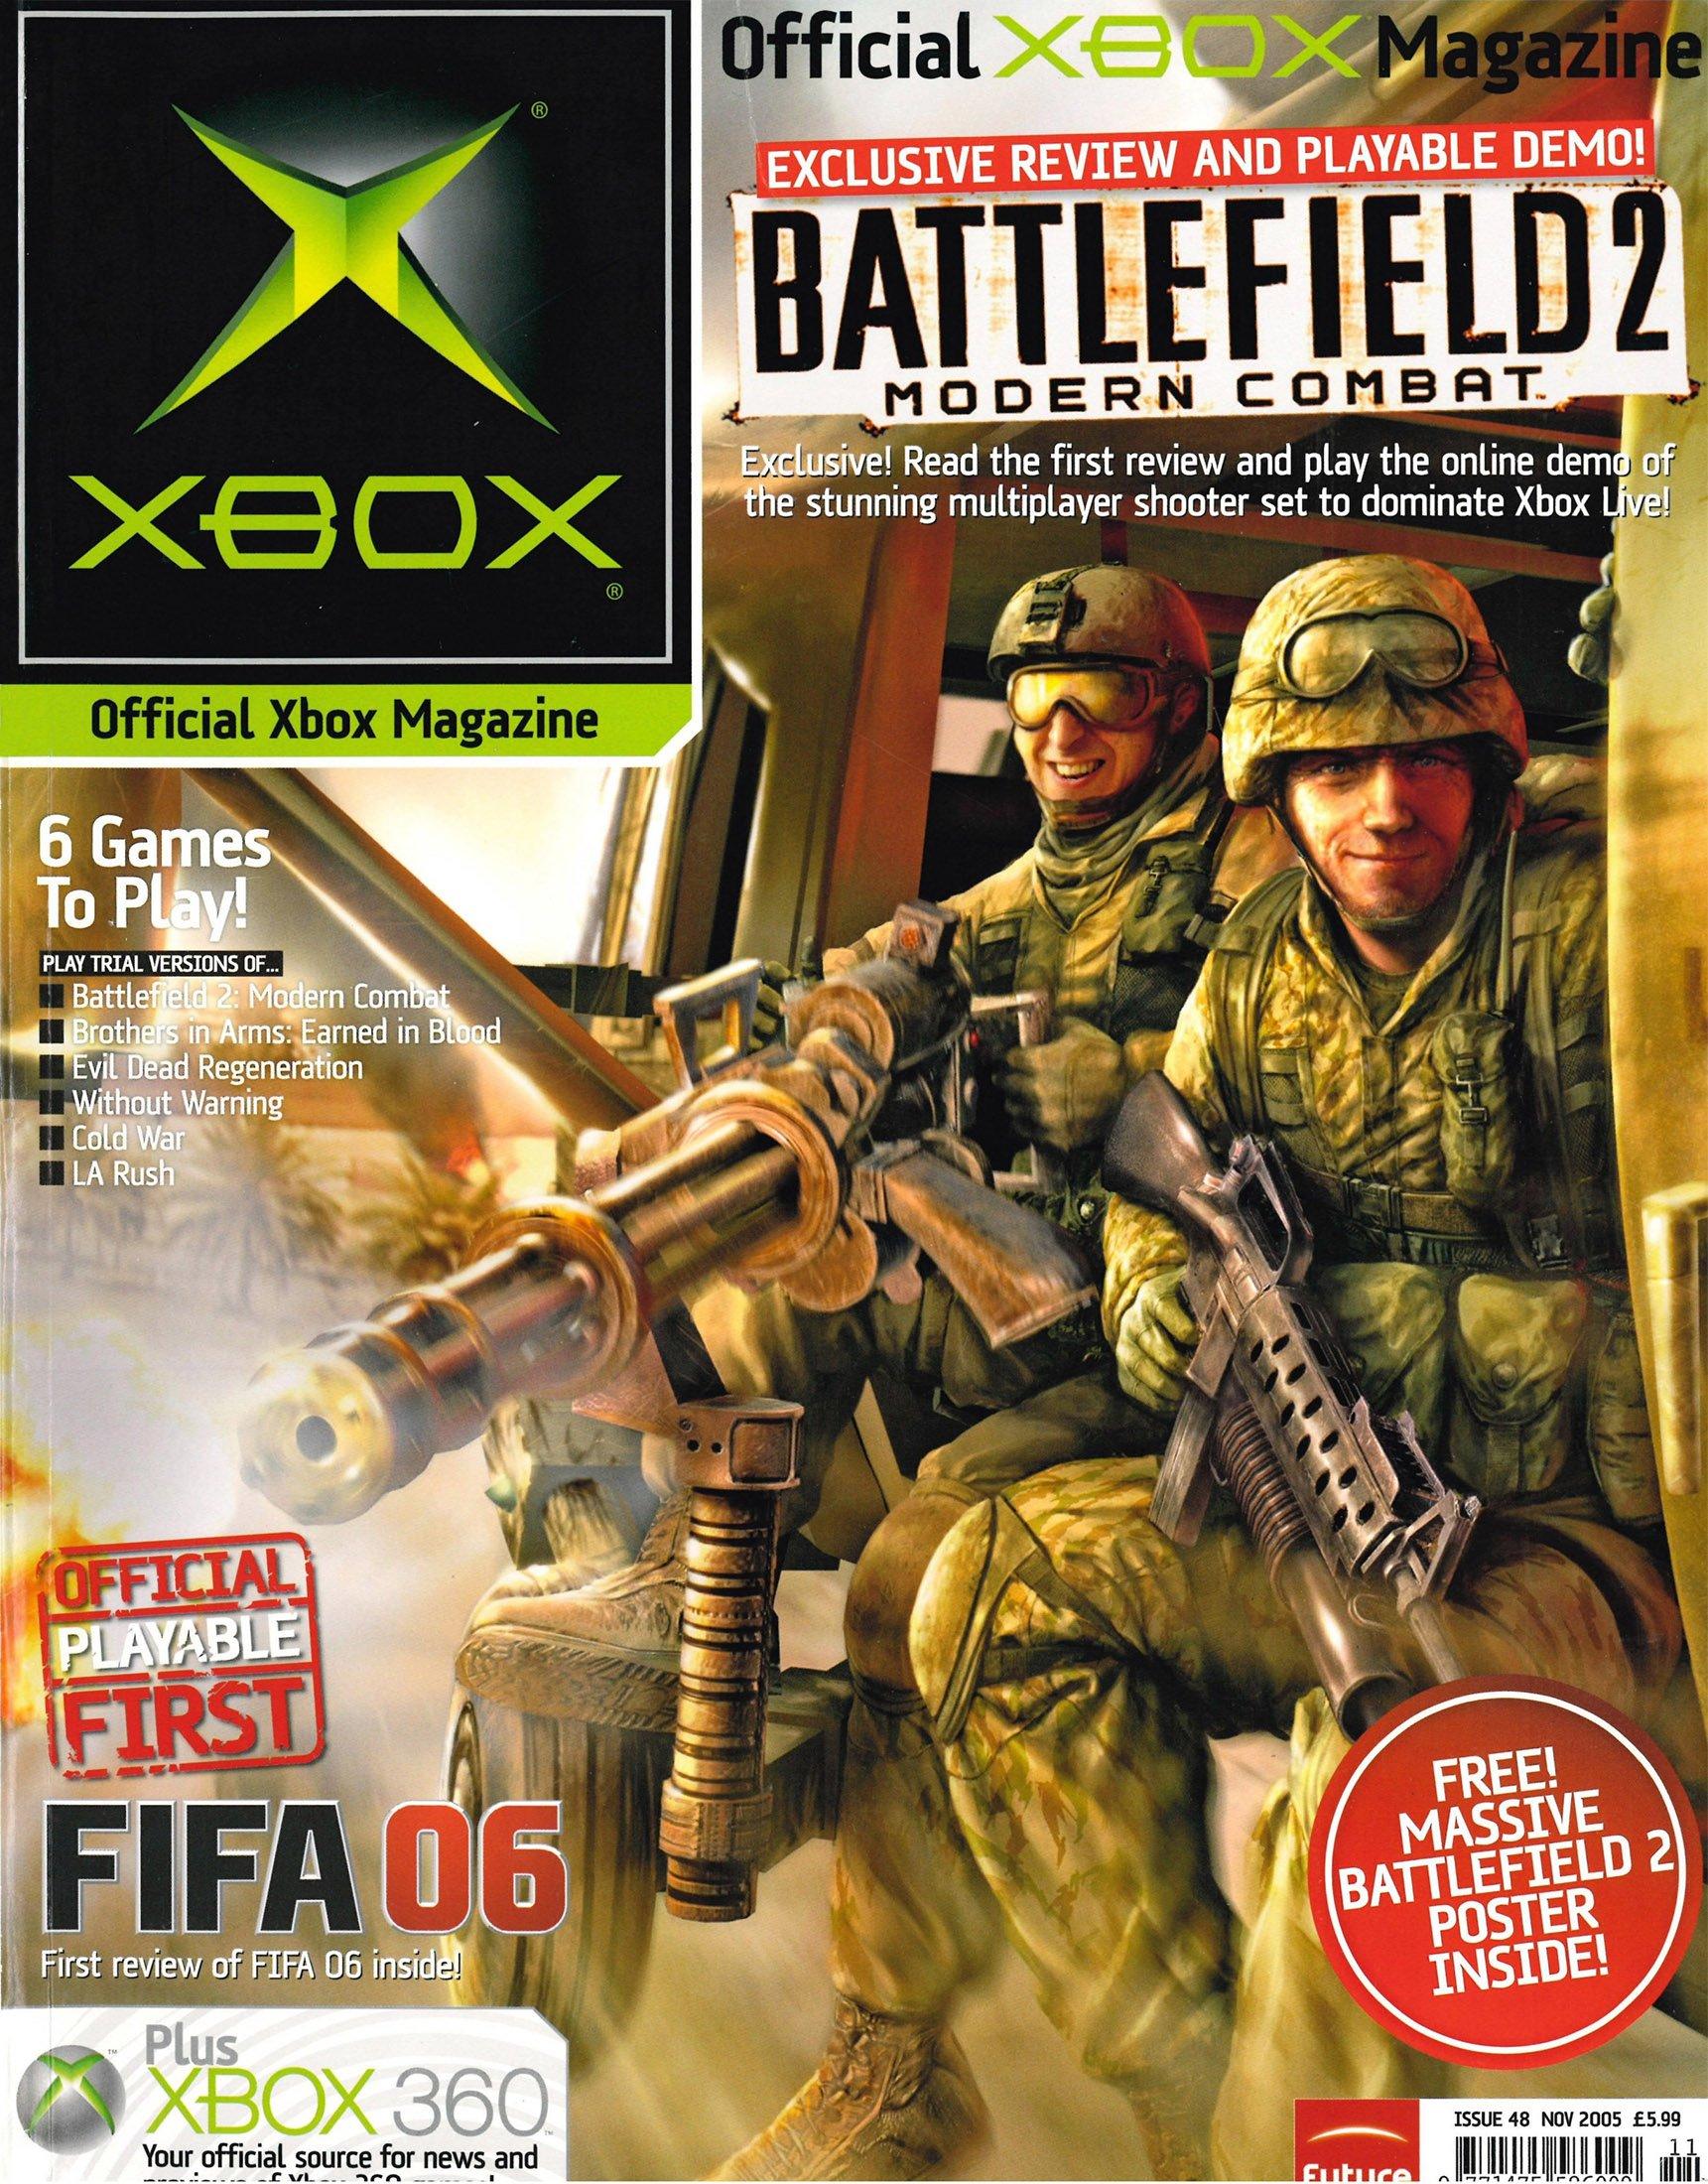 Official UK Xbox Magazine Issue 48 - November 2005